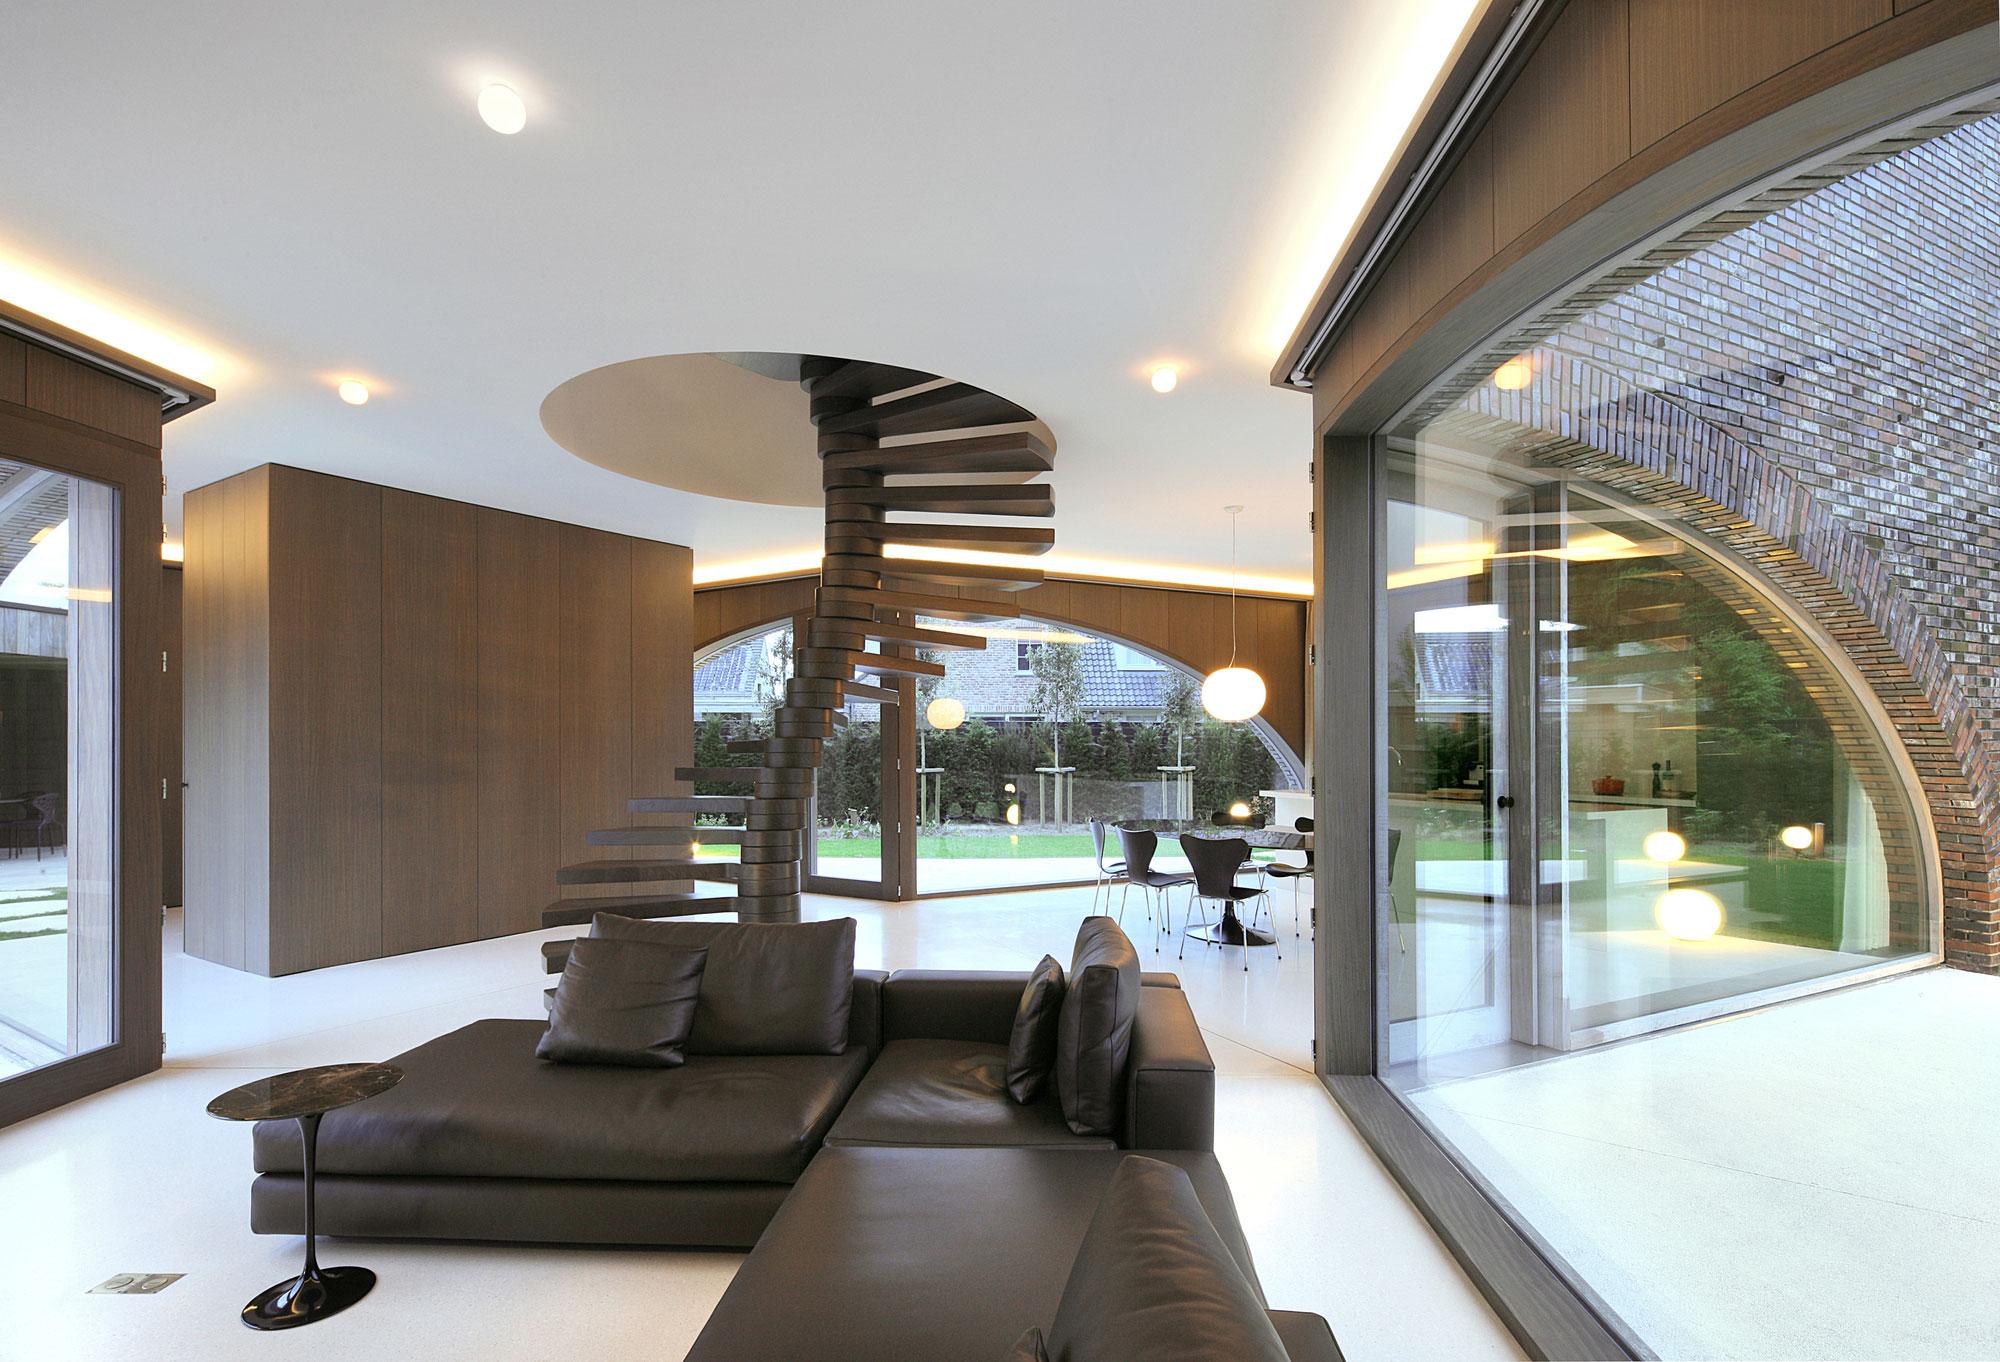 Villa Moerkensheide by Dieter De Vos Architecten-08